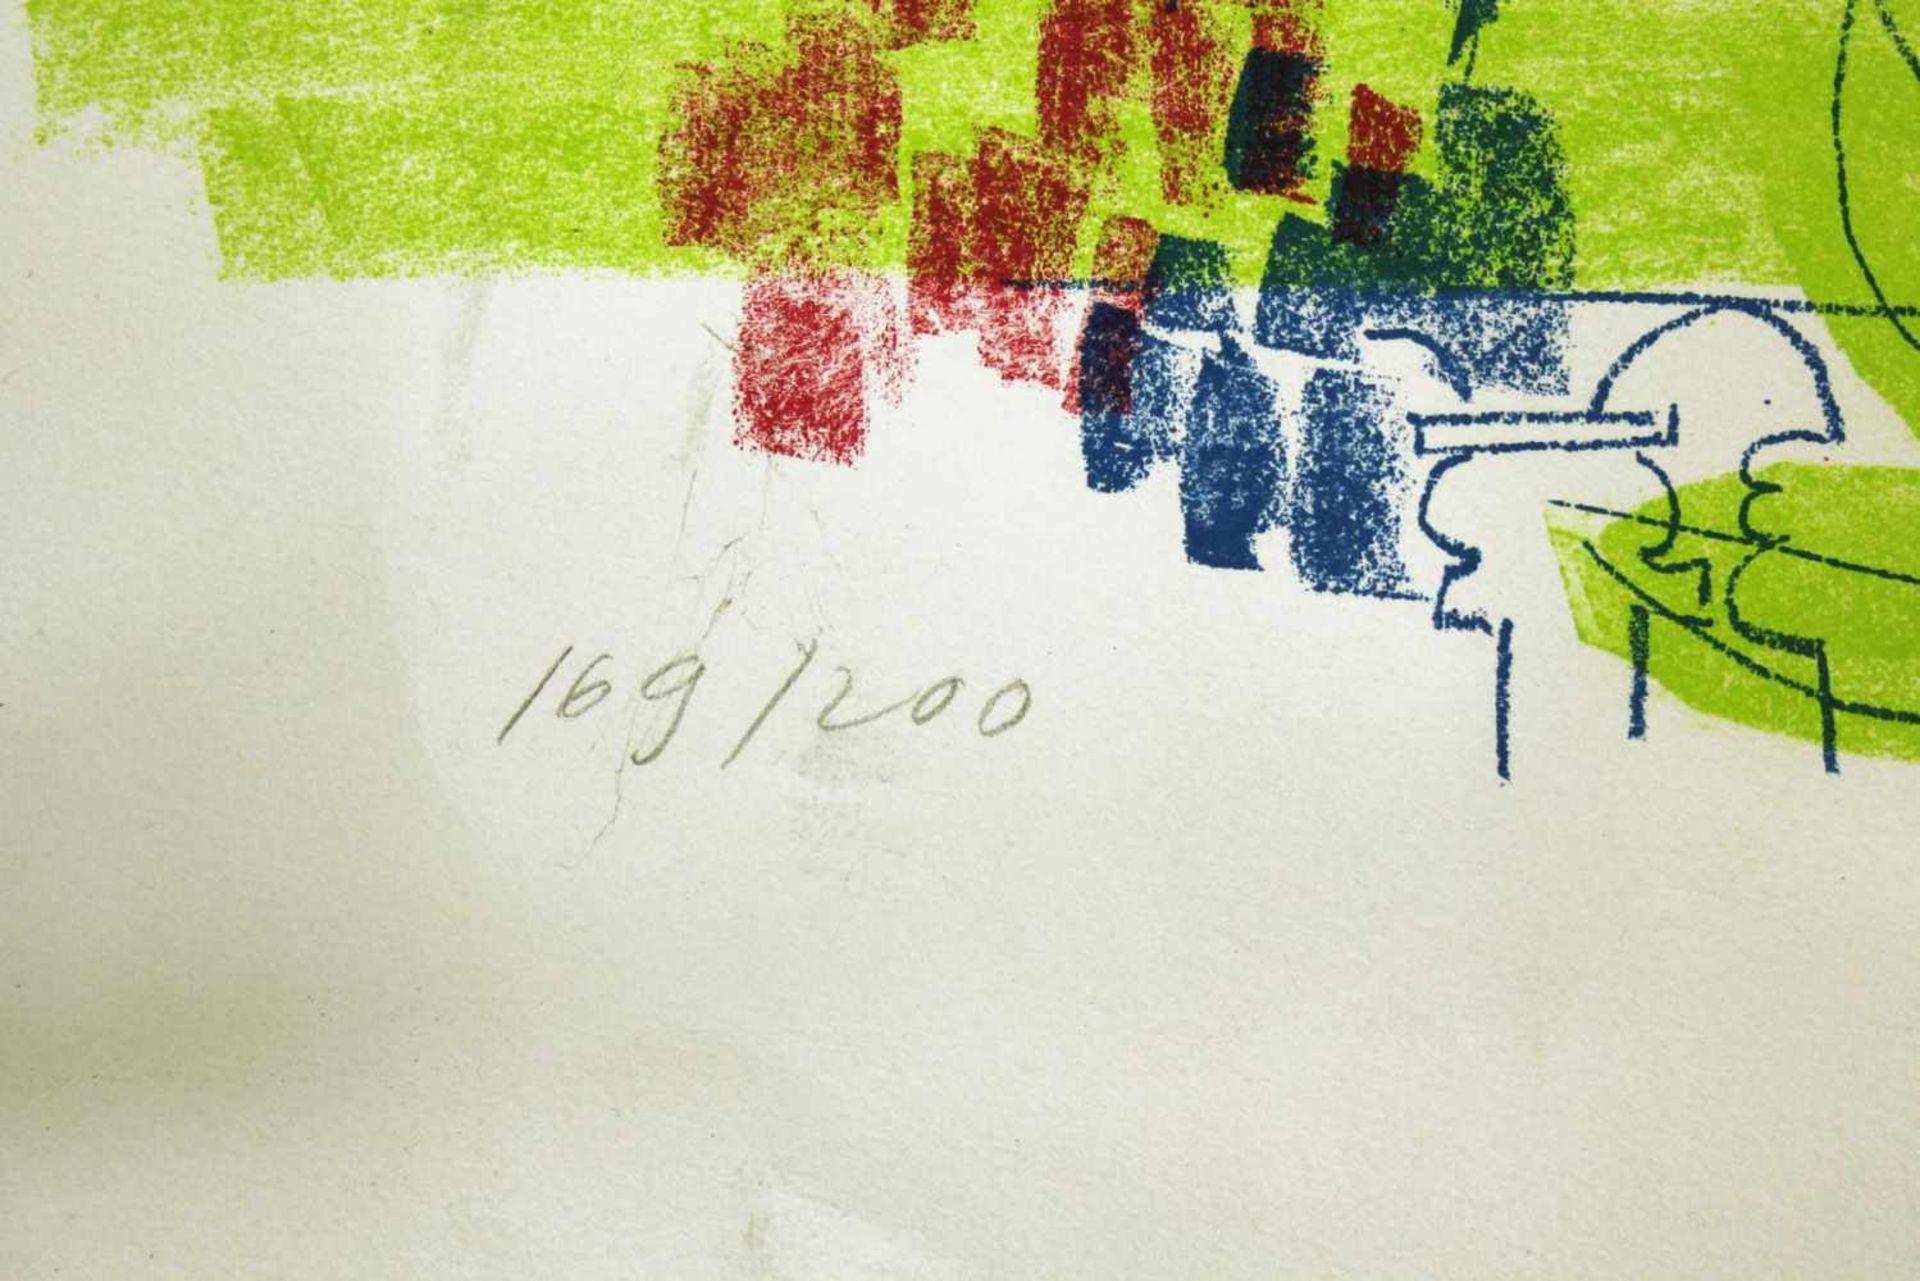 Geisbichler Landschaft Lithographie Signatur in Druckplatte, nummeriert 169/200 50 x 65 cm - Bild 3 aus 3